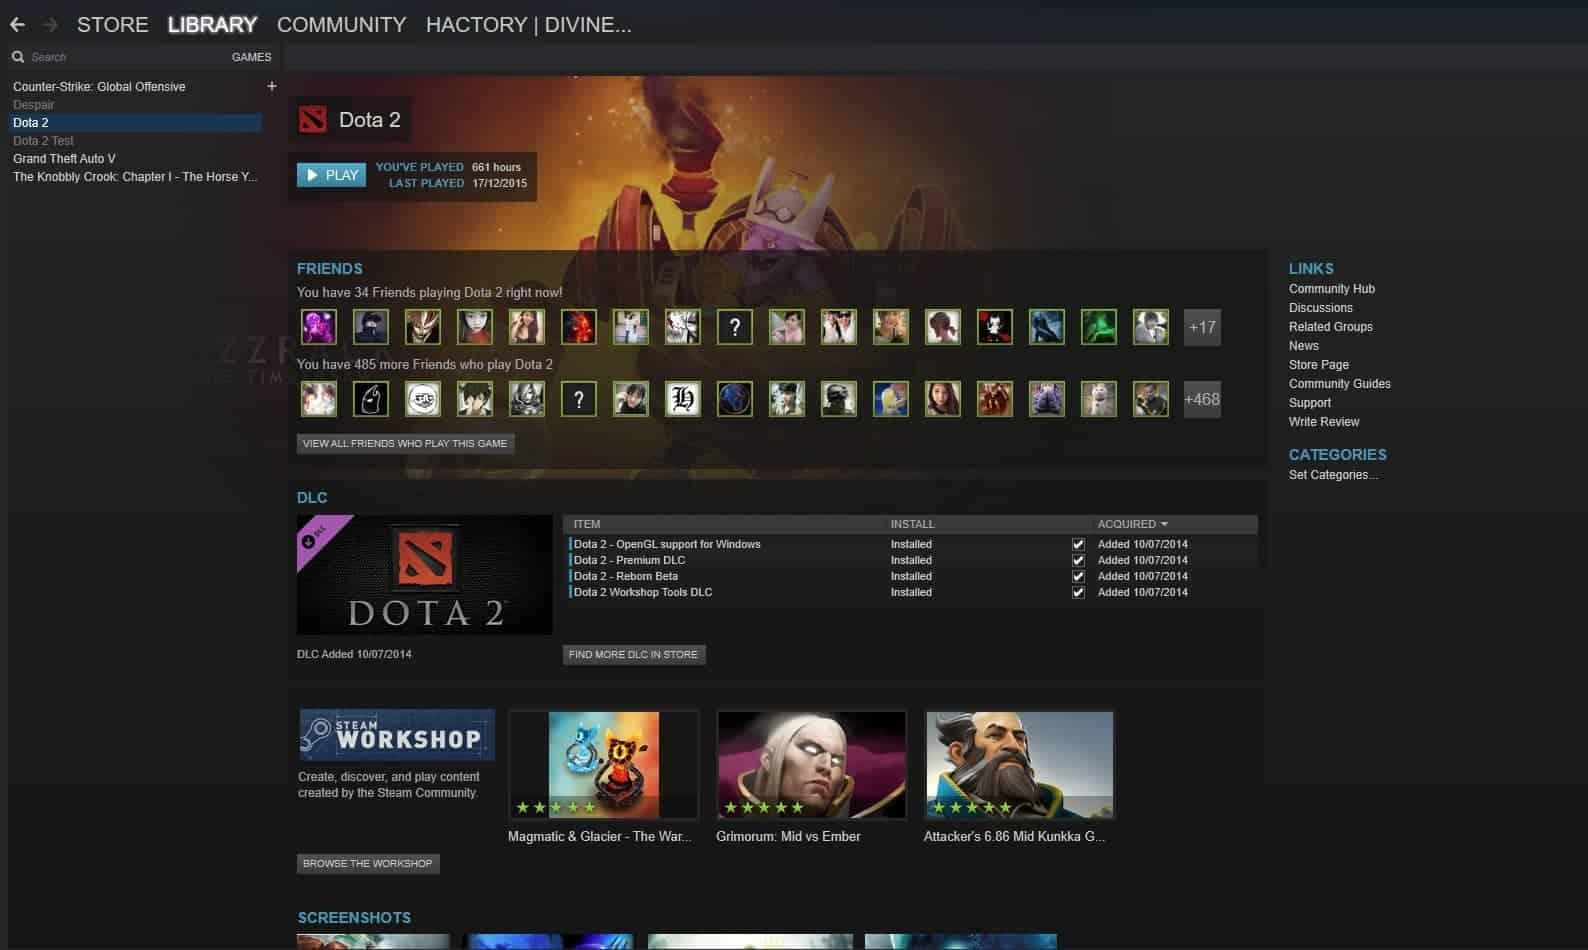 tải game miễn phí trên Steam